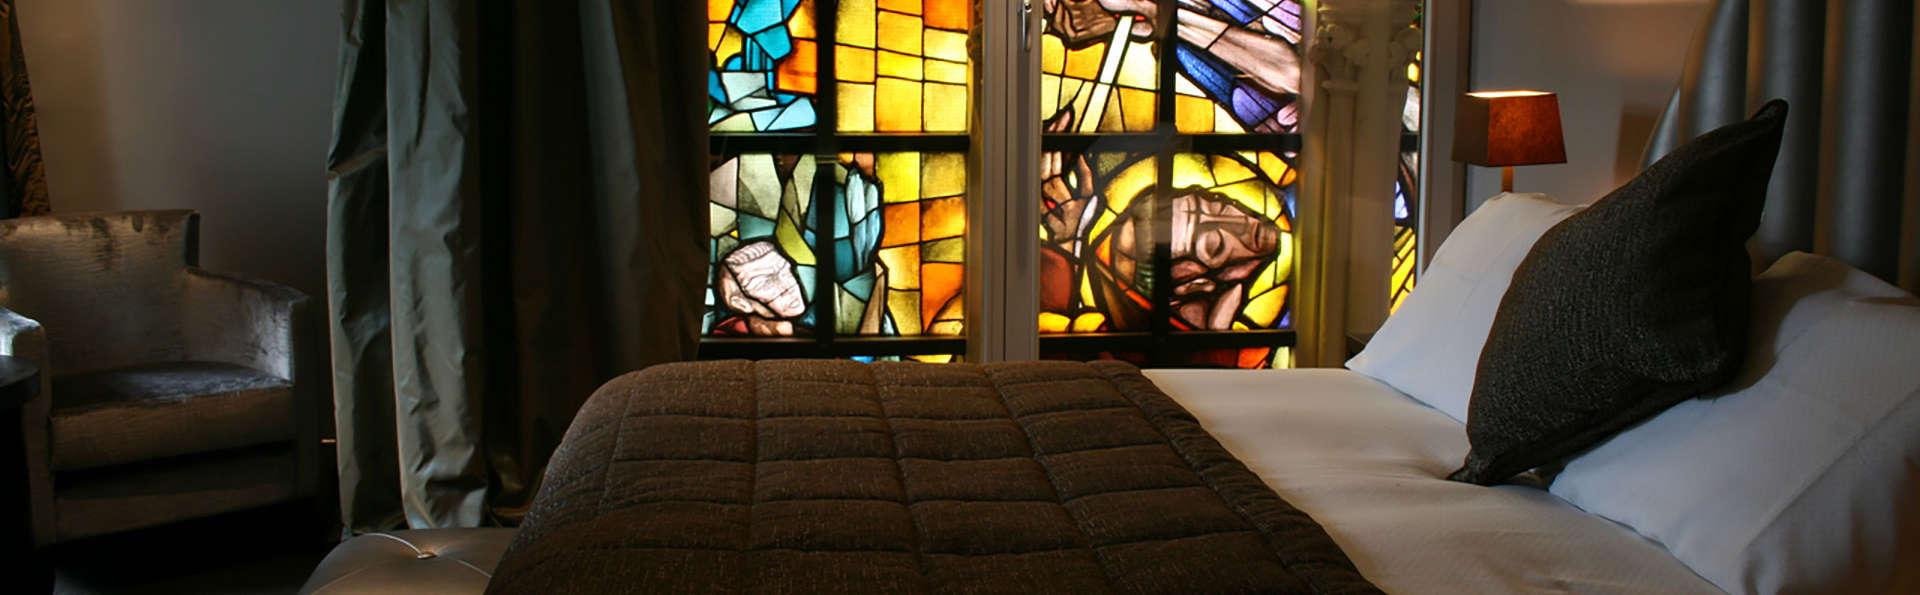 De leukste herfstdagen en puur gezelligheid te Mechelen met dit aanbod in een voormalige kerk